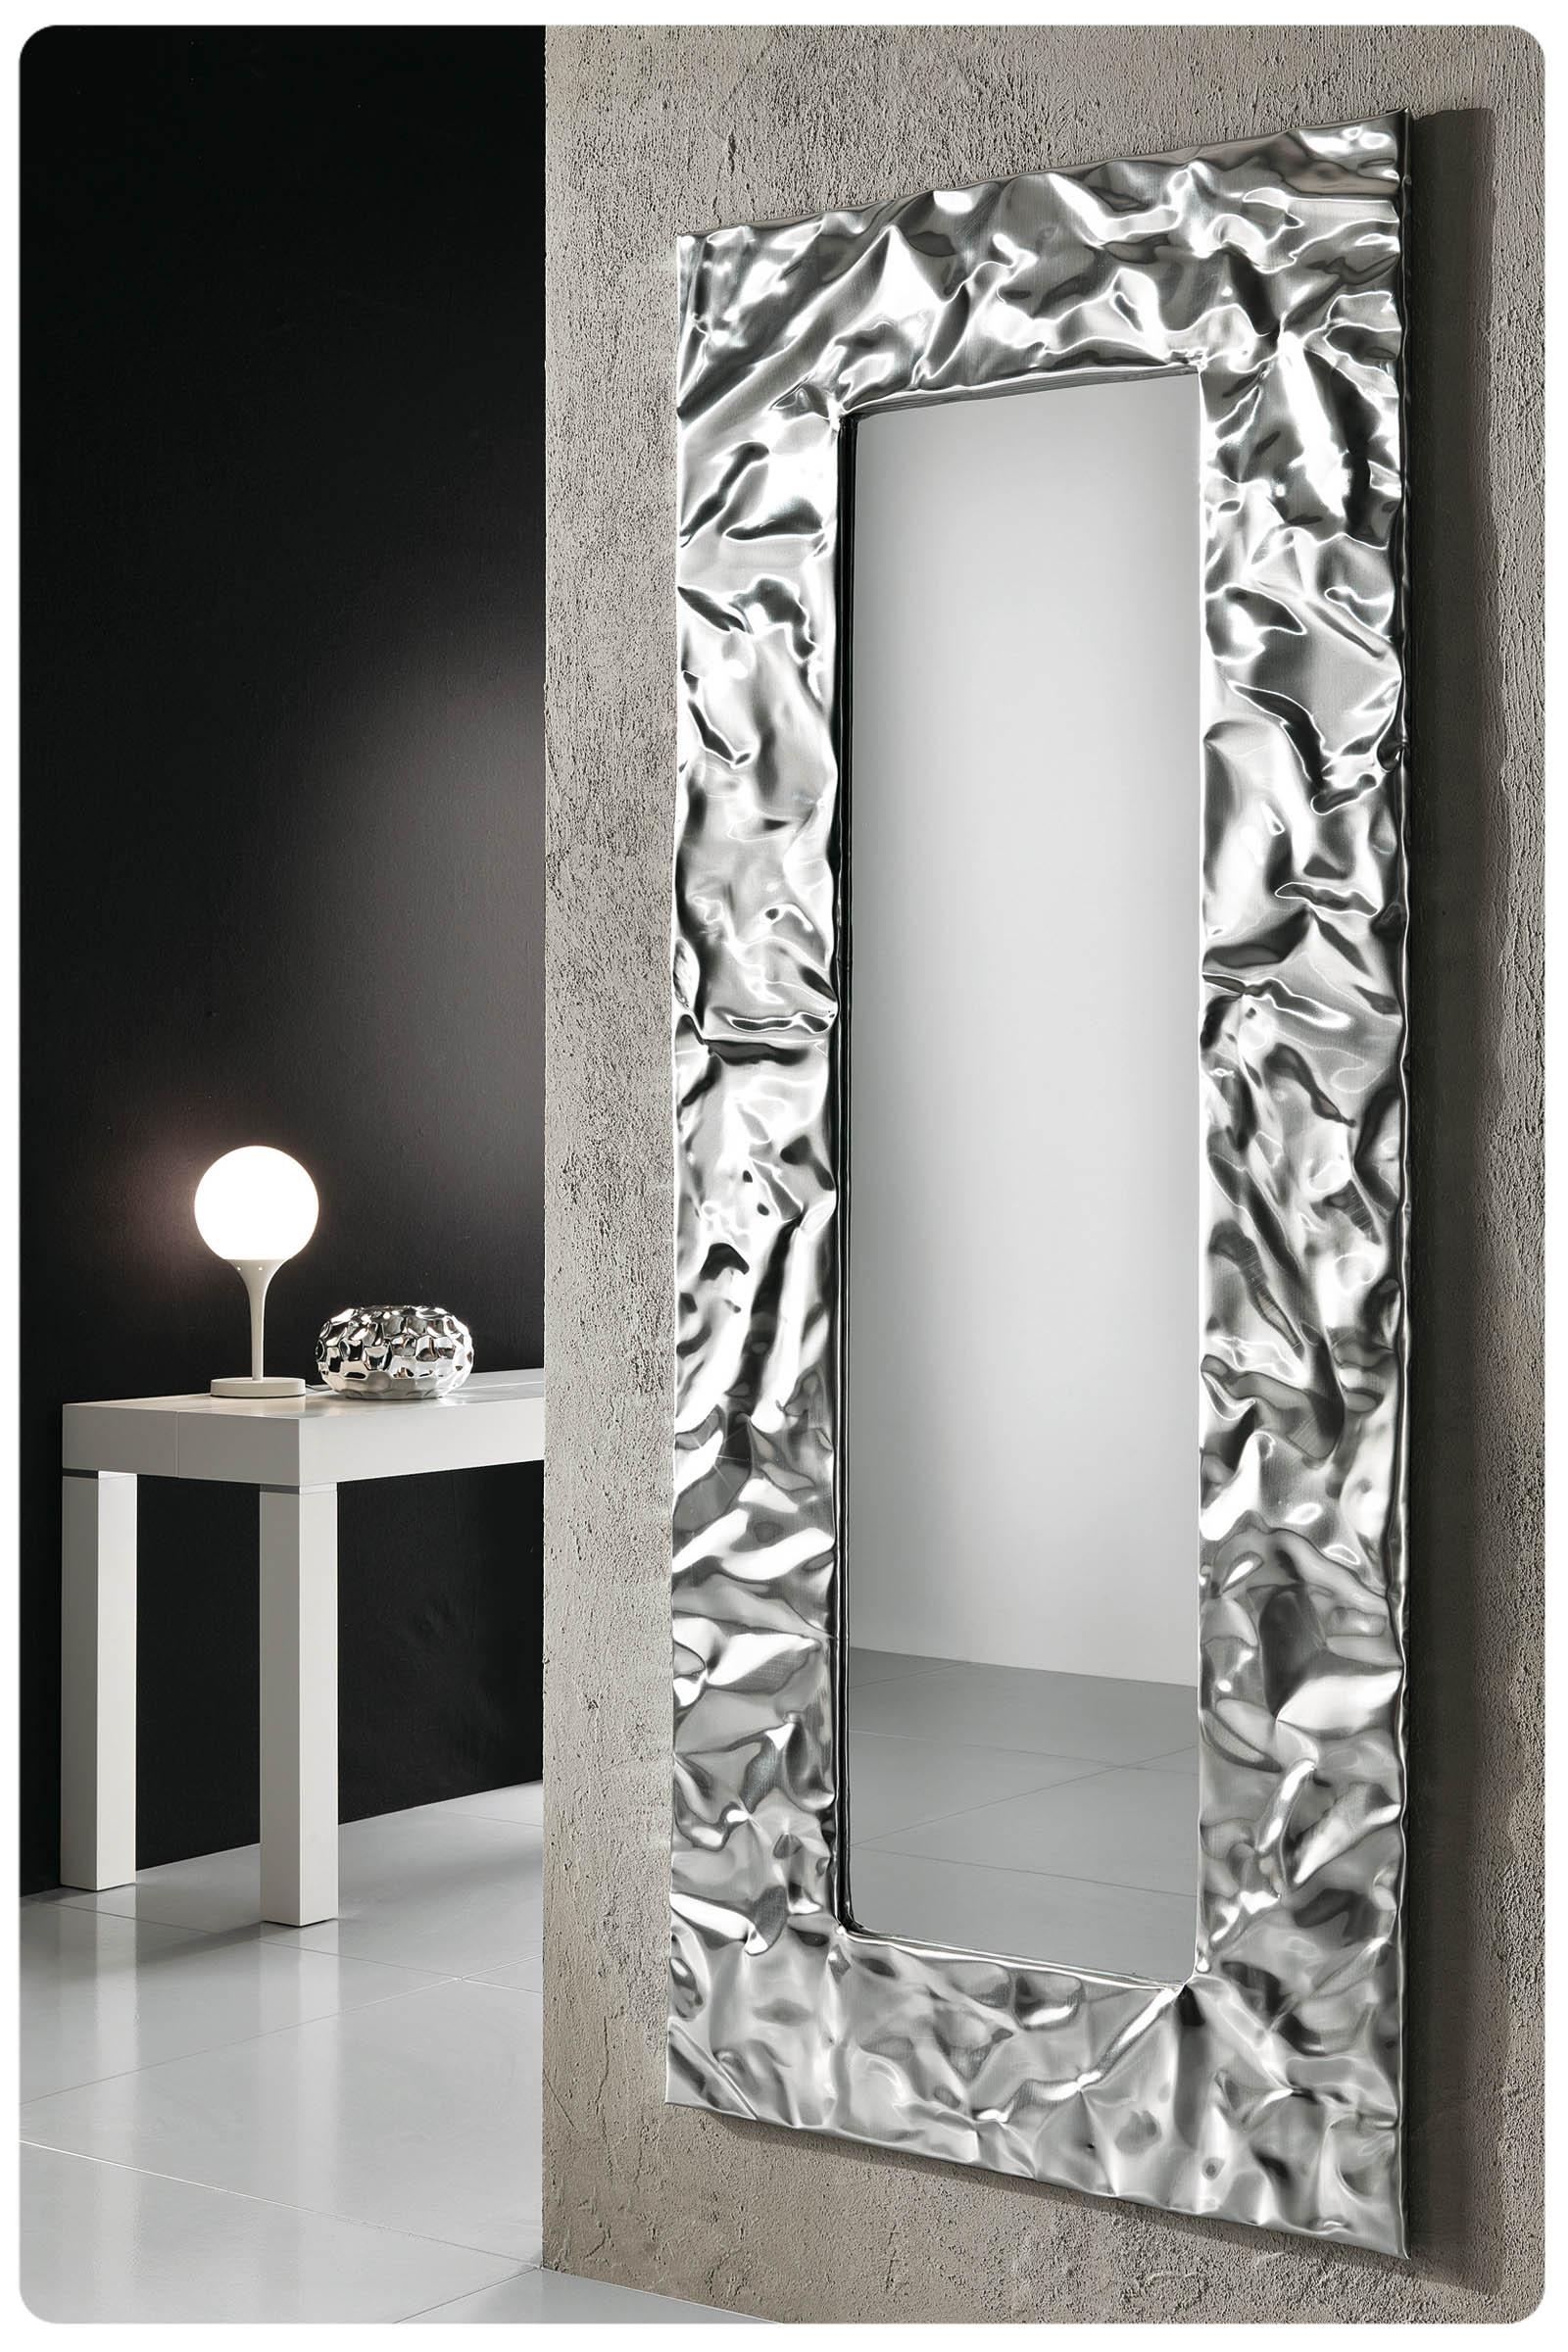 Vendita specchi classici e di design sumisura fabbrica arredamenti - Quadri a specchio moderni ...